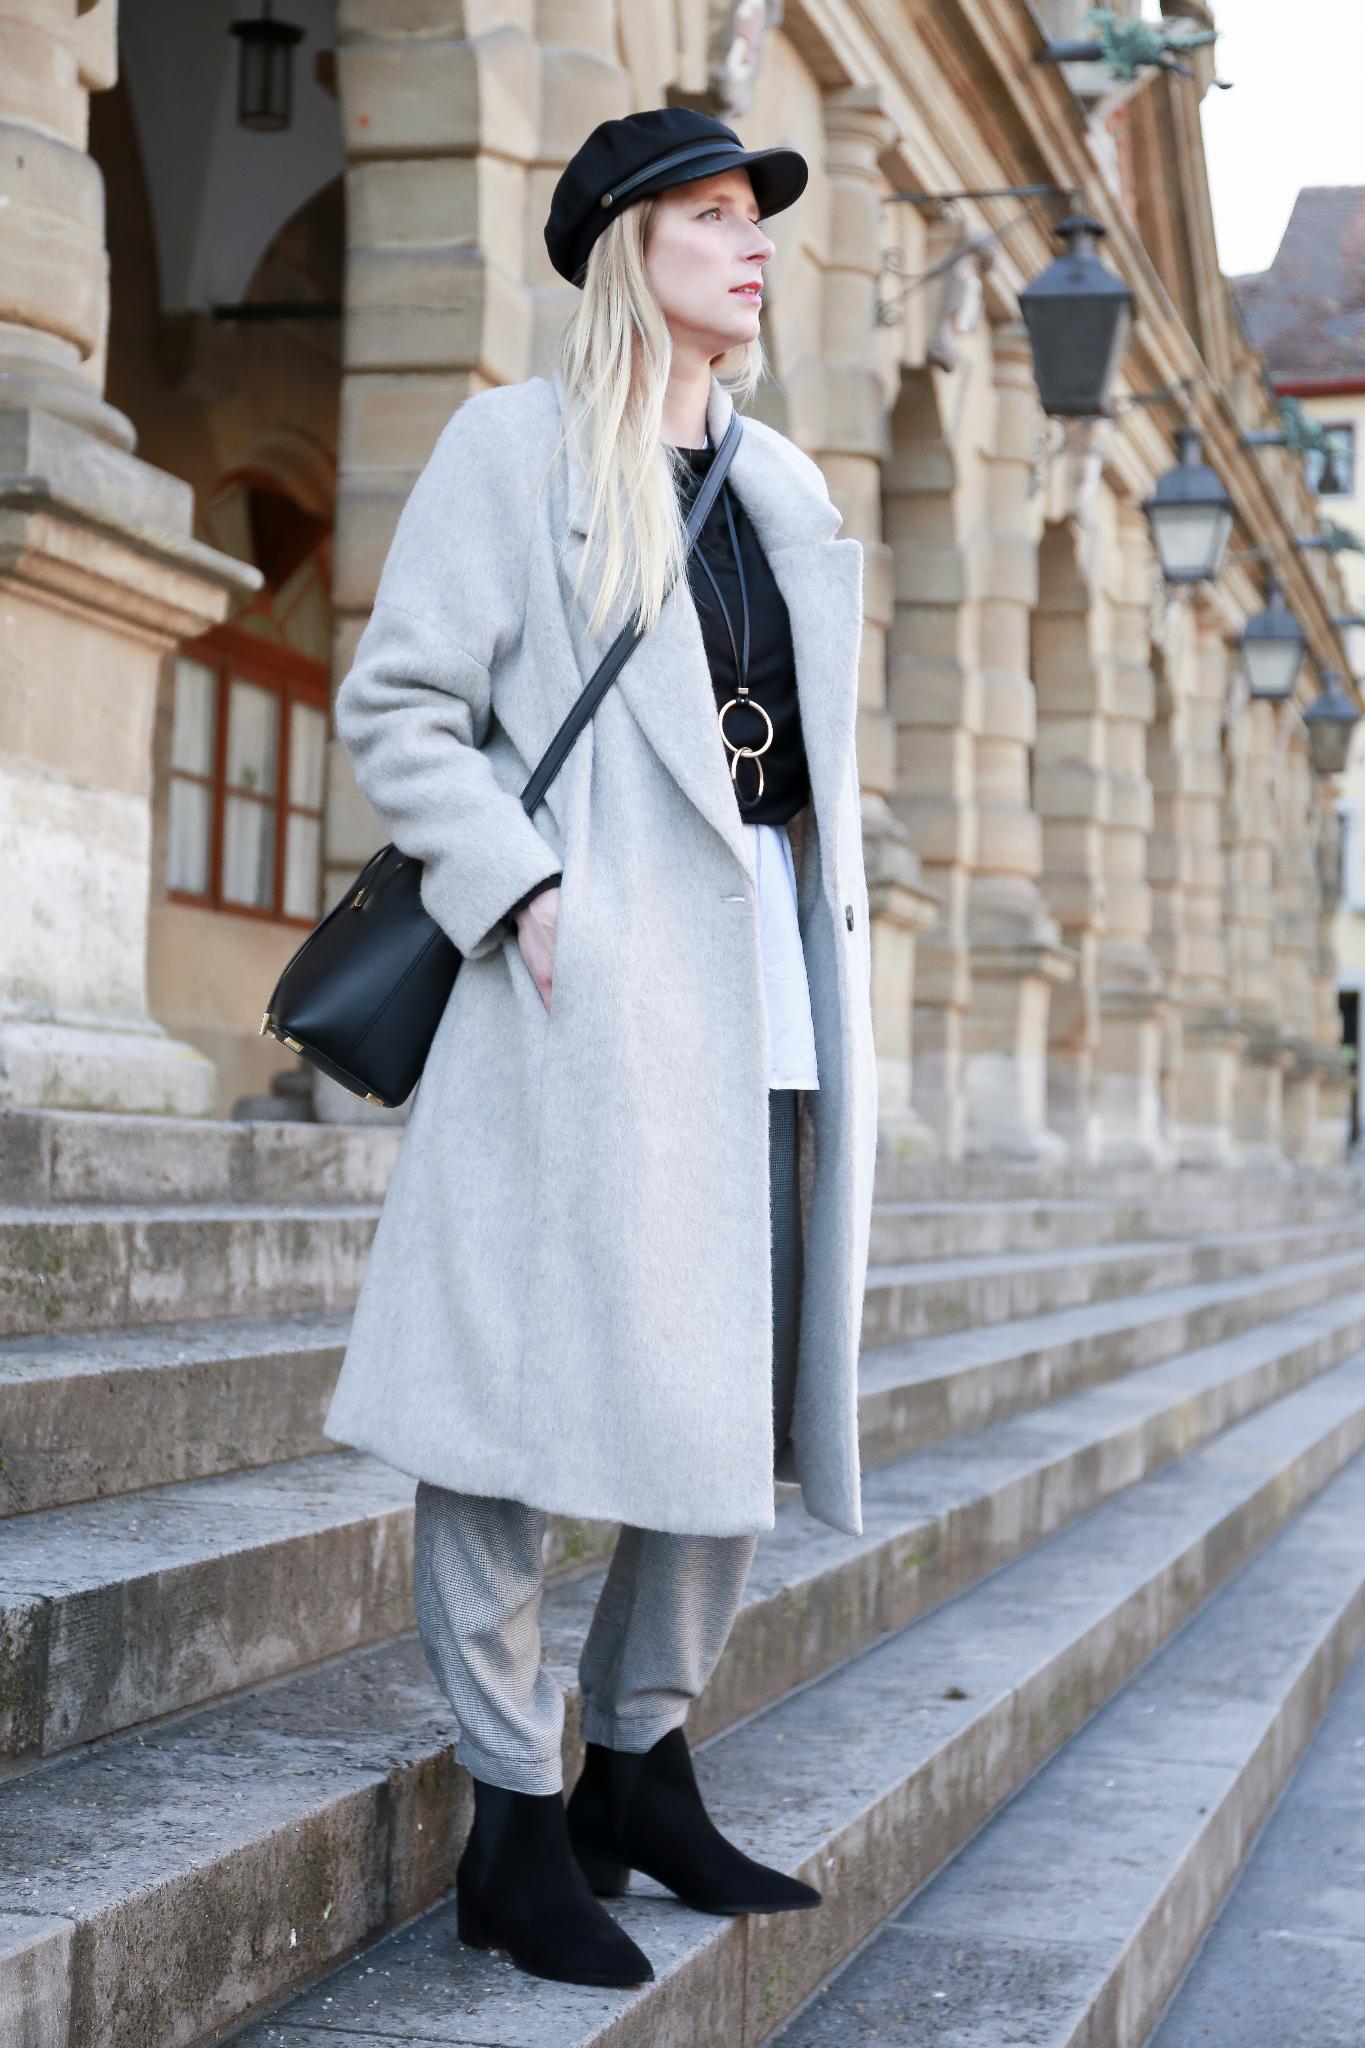 Fashion_Outfit_Michael_Kors_Bucket_Bag-4